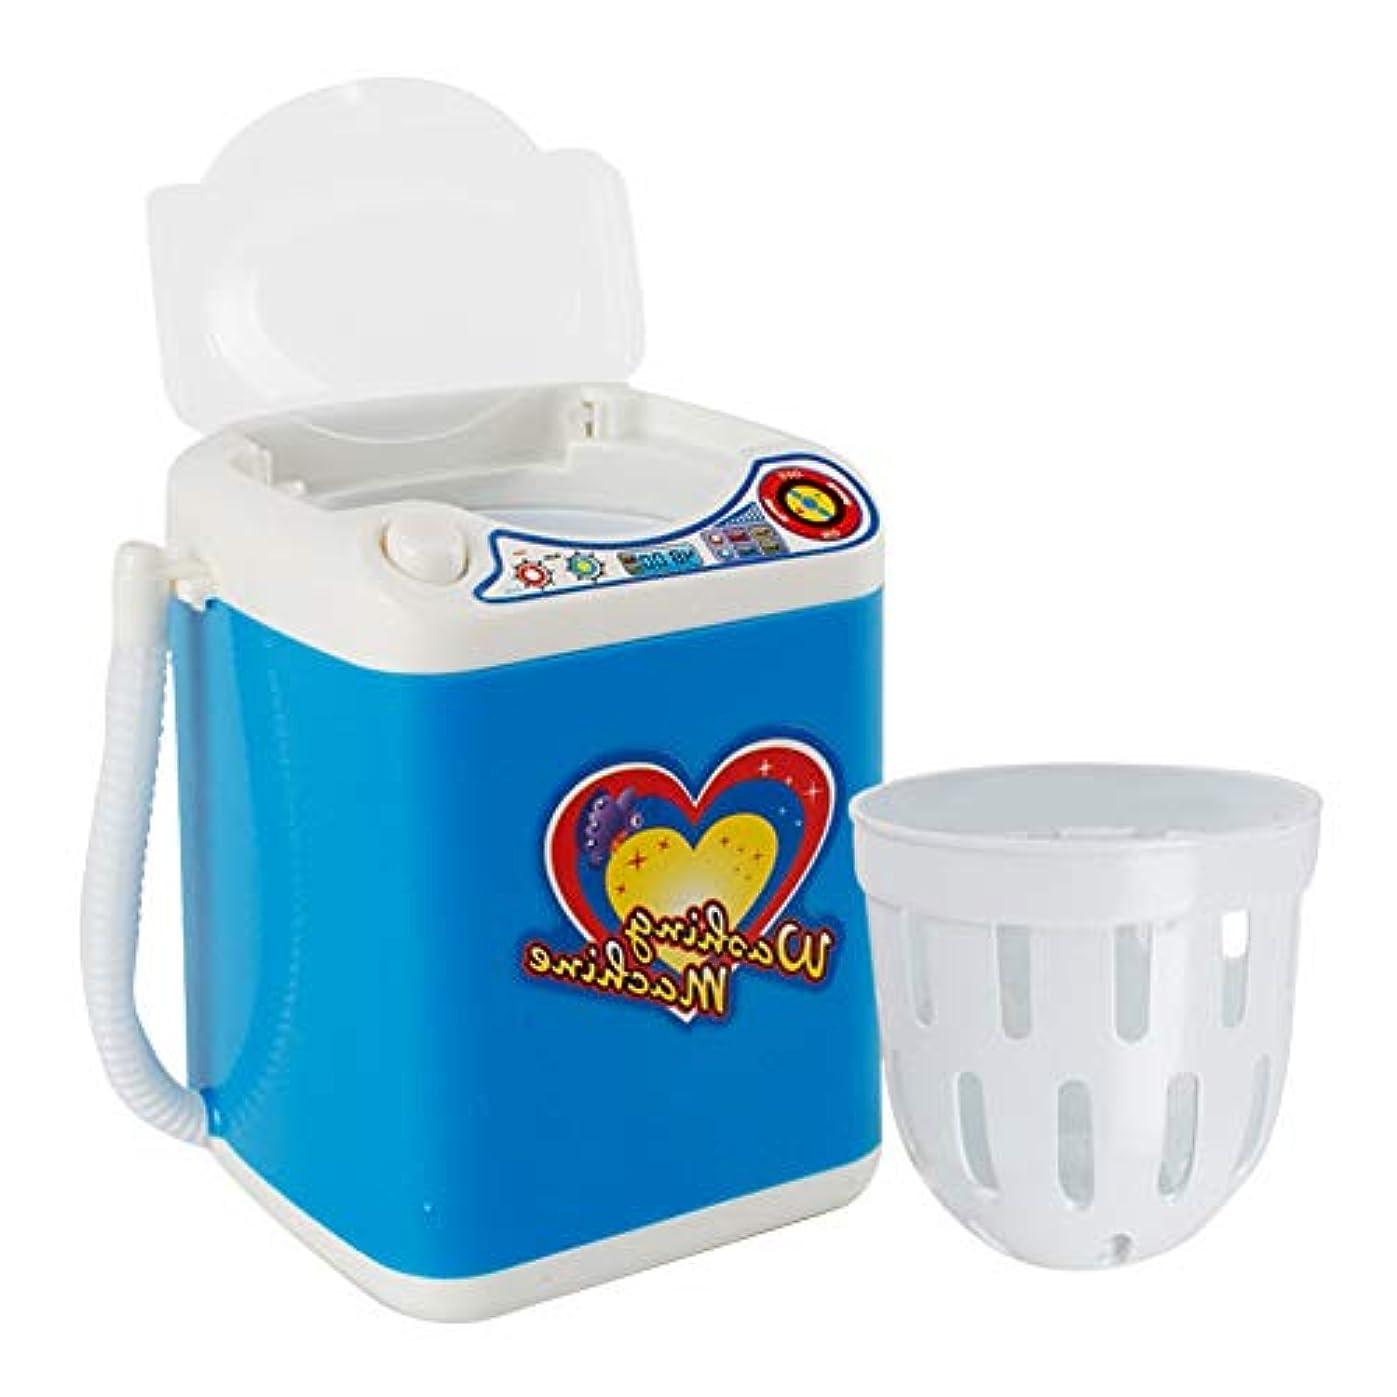 無謀必要ないディベート洗濯機丈夫なクリーニング子供家具玩具ポータブル自動回転ミニ電気ふりプレイ電池式ランドリー排水バスケット化粧ブラシ(ブルー)